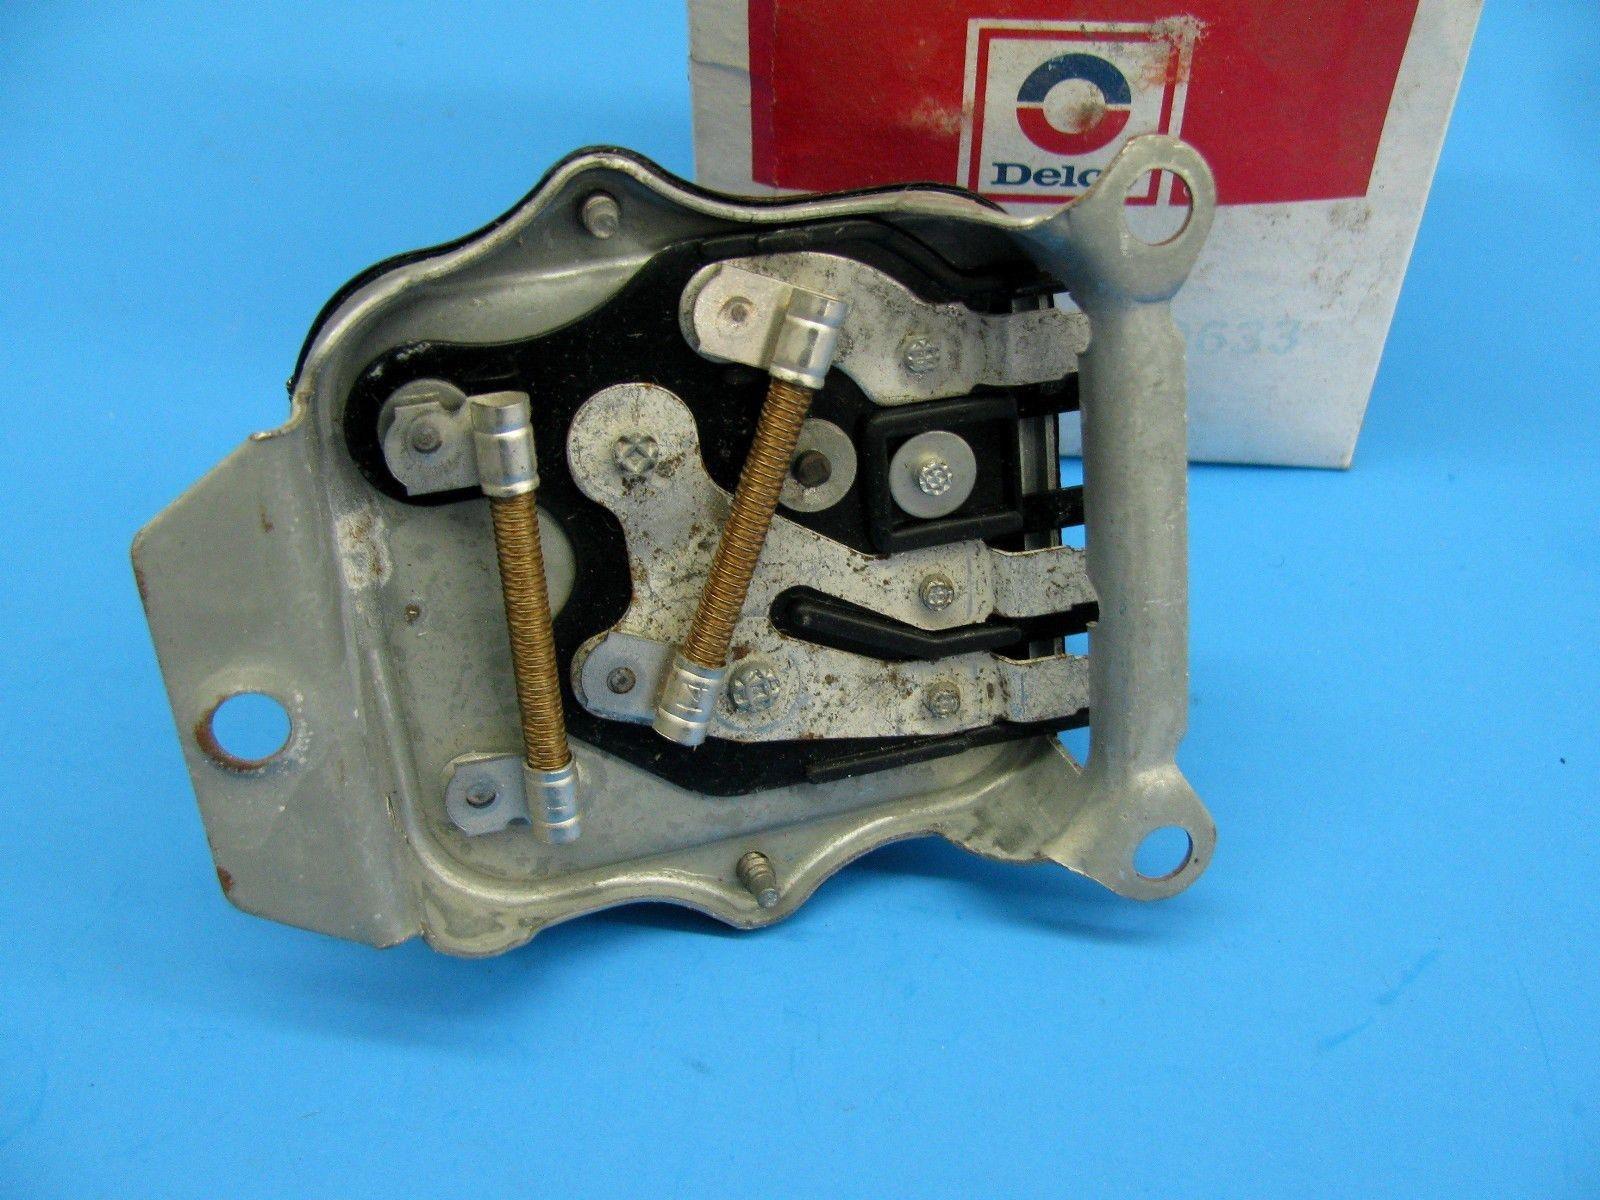 10dn to 12si alternator conversion - ClassicOldsmobile.com